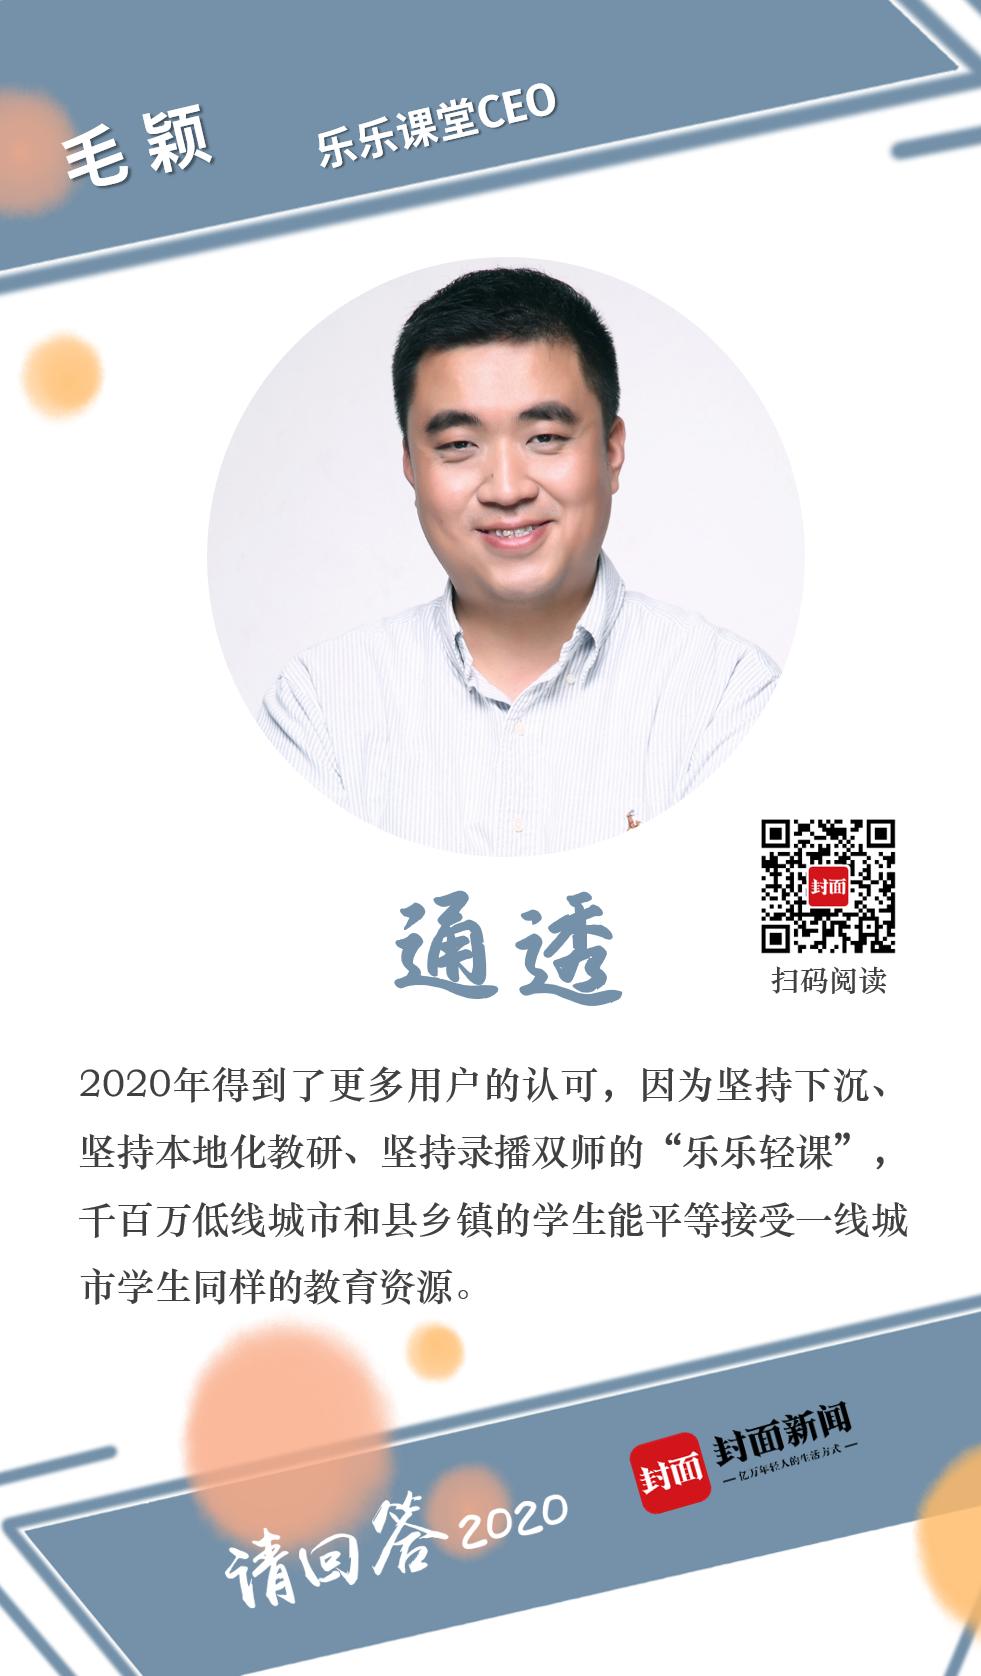 請回答2020丨樂樂課堂CEO毛穎:堅持做內容、堅持下沉、堅持本地化教研